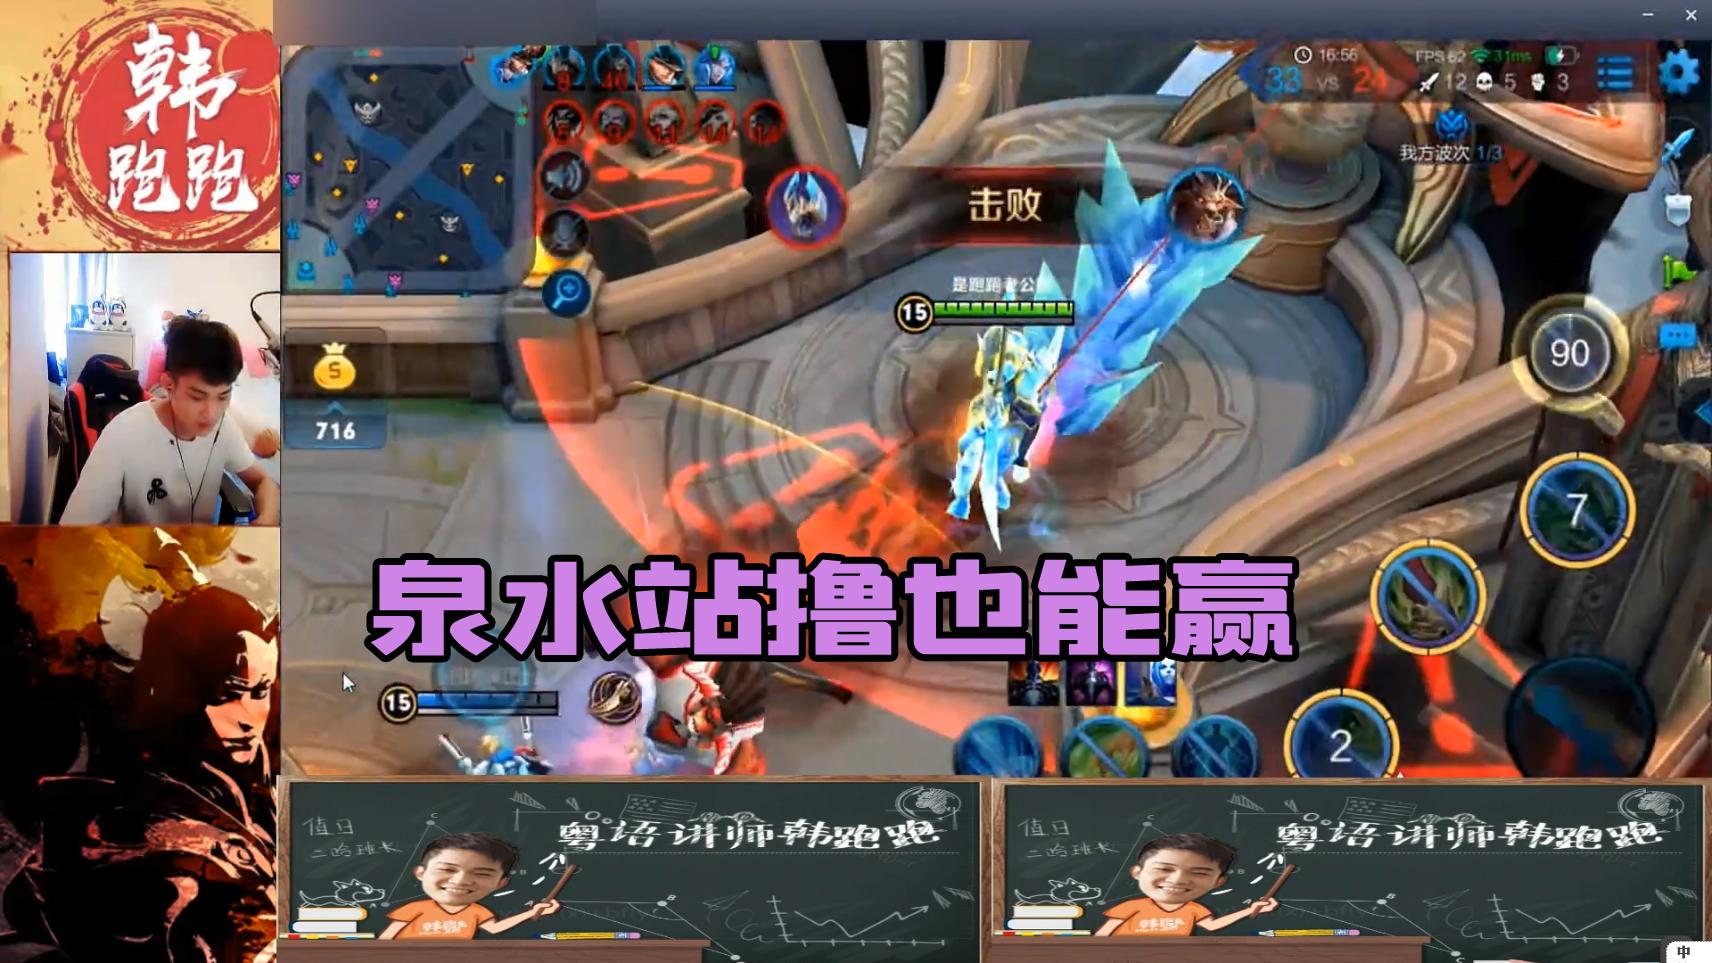 #王者荣耀#对面泉水站撸也能赢?跑跑教你网再卡也能三杀!